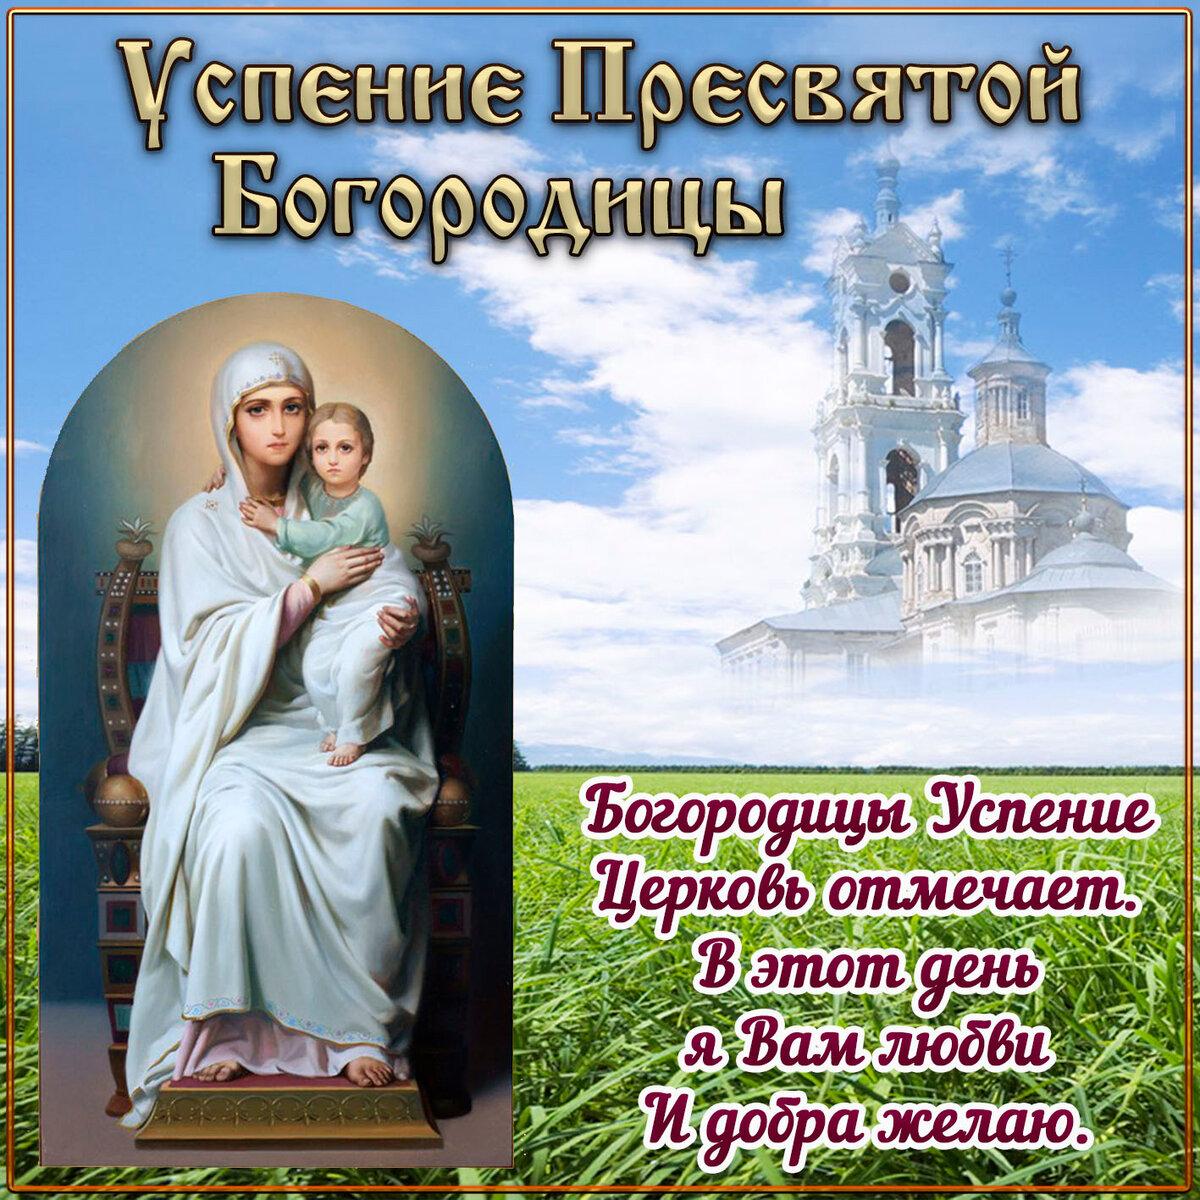 Открытки с праздником успения богородицы фото и названия, картинки сентябрю